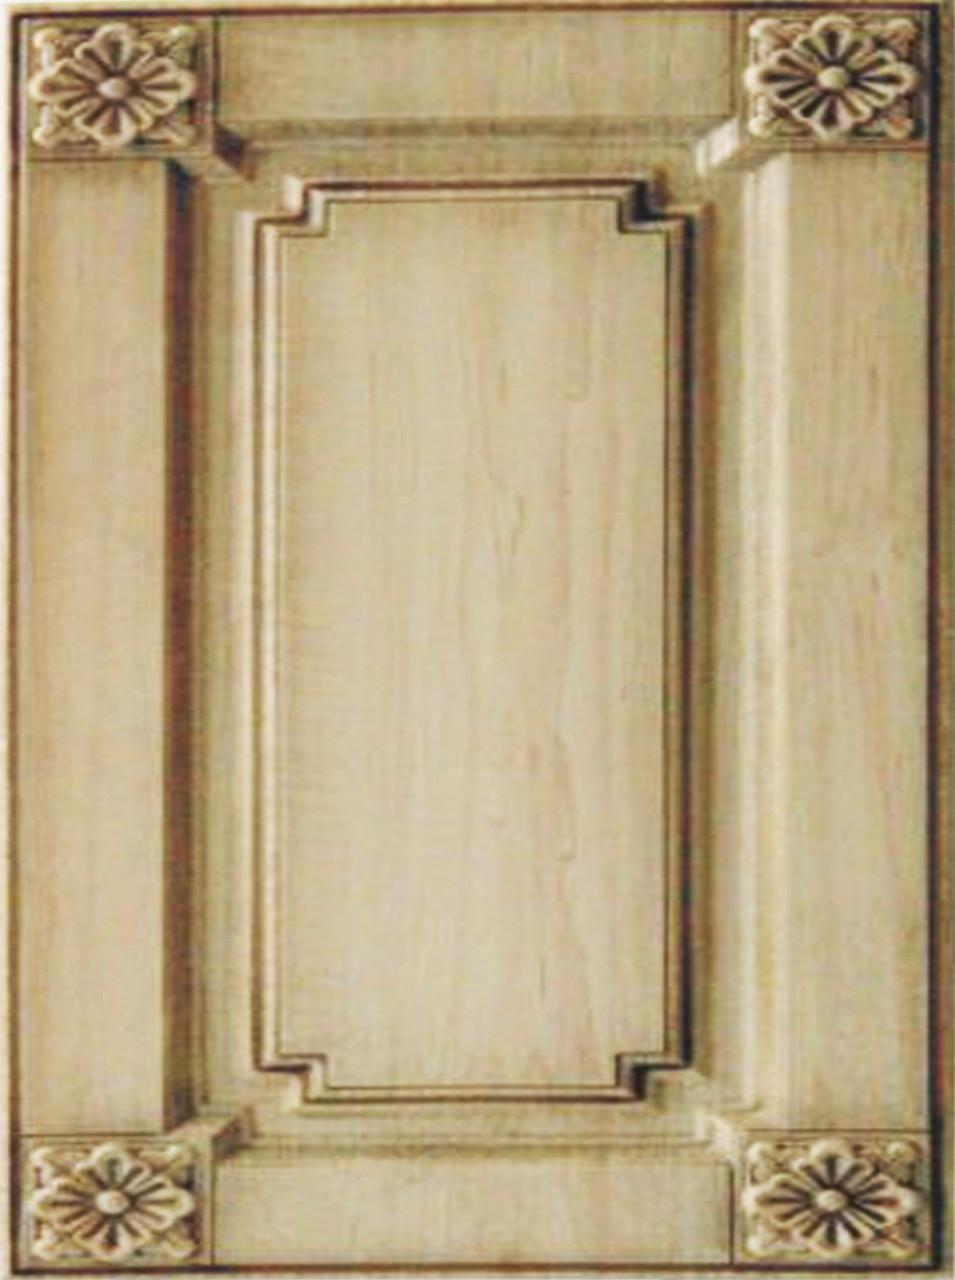 """Мебельный фасад """"Флорис + налепка"""" - КМТ ✅ Компас Мебельных Технологий в Белой Церкви"""